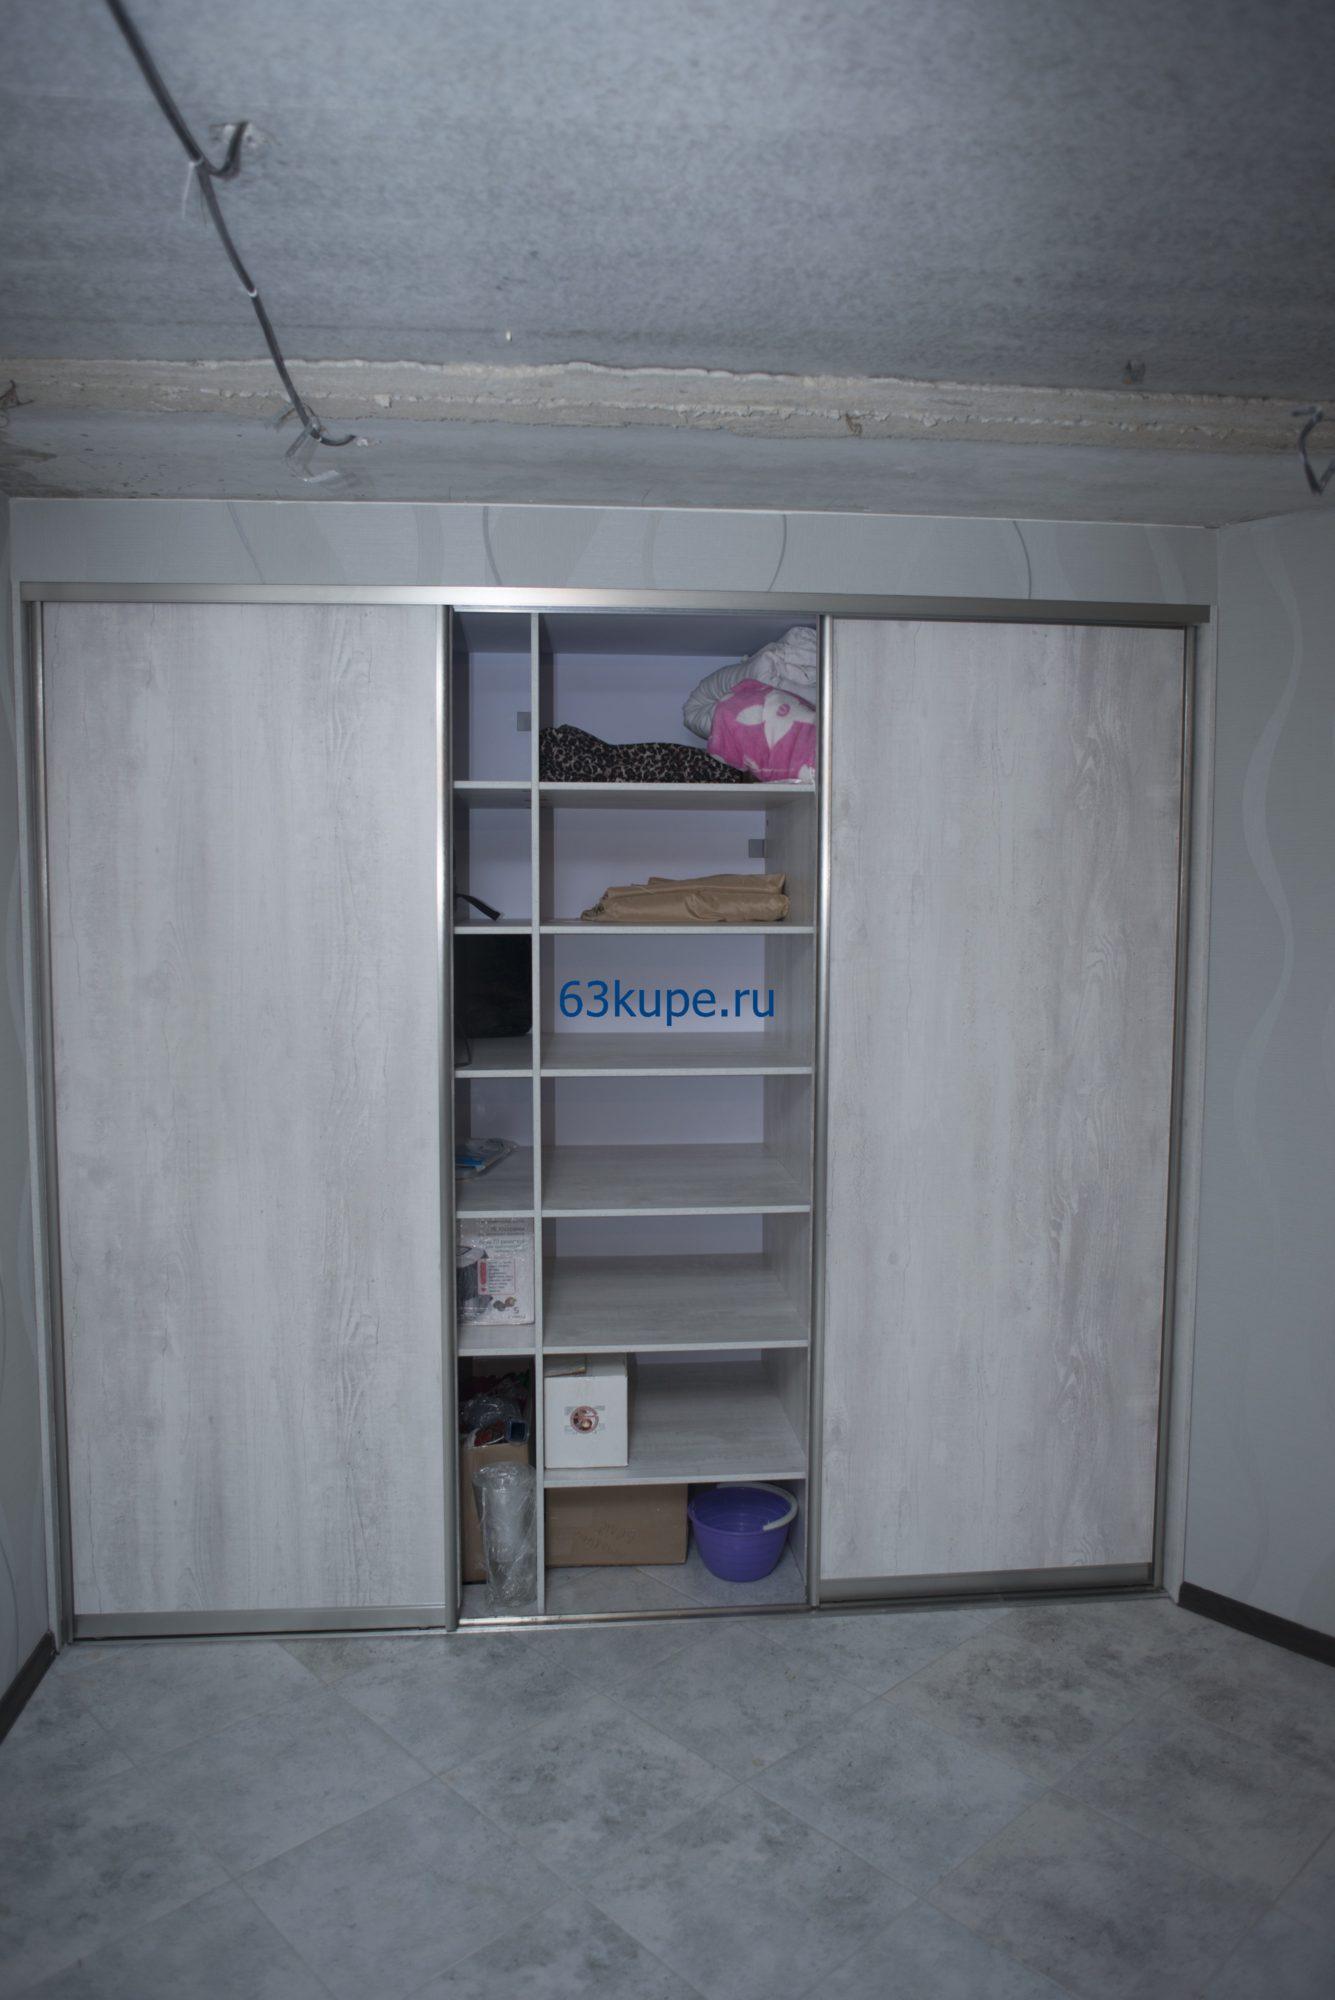 Встроенный шкаф купе на цокольном этаже частного дома.